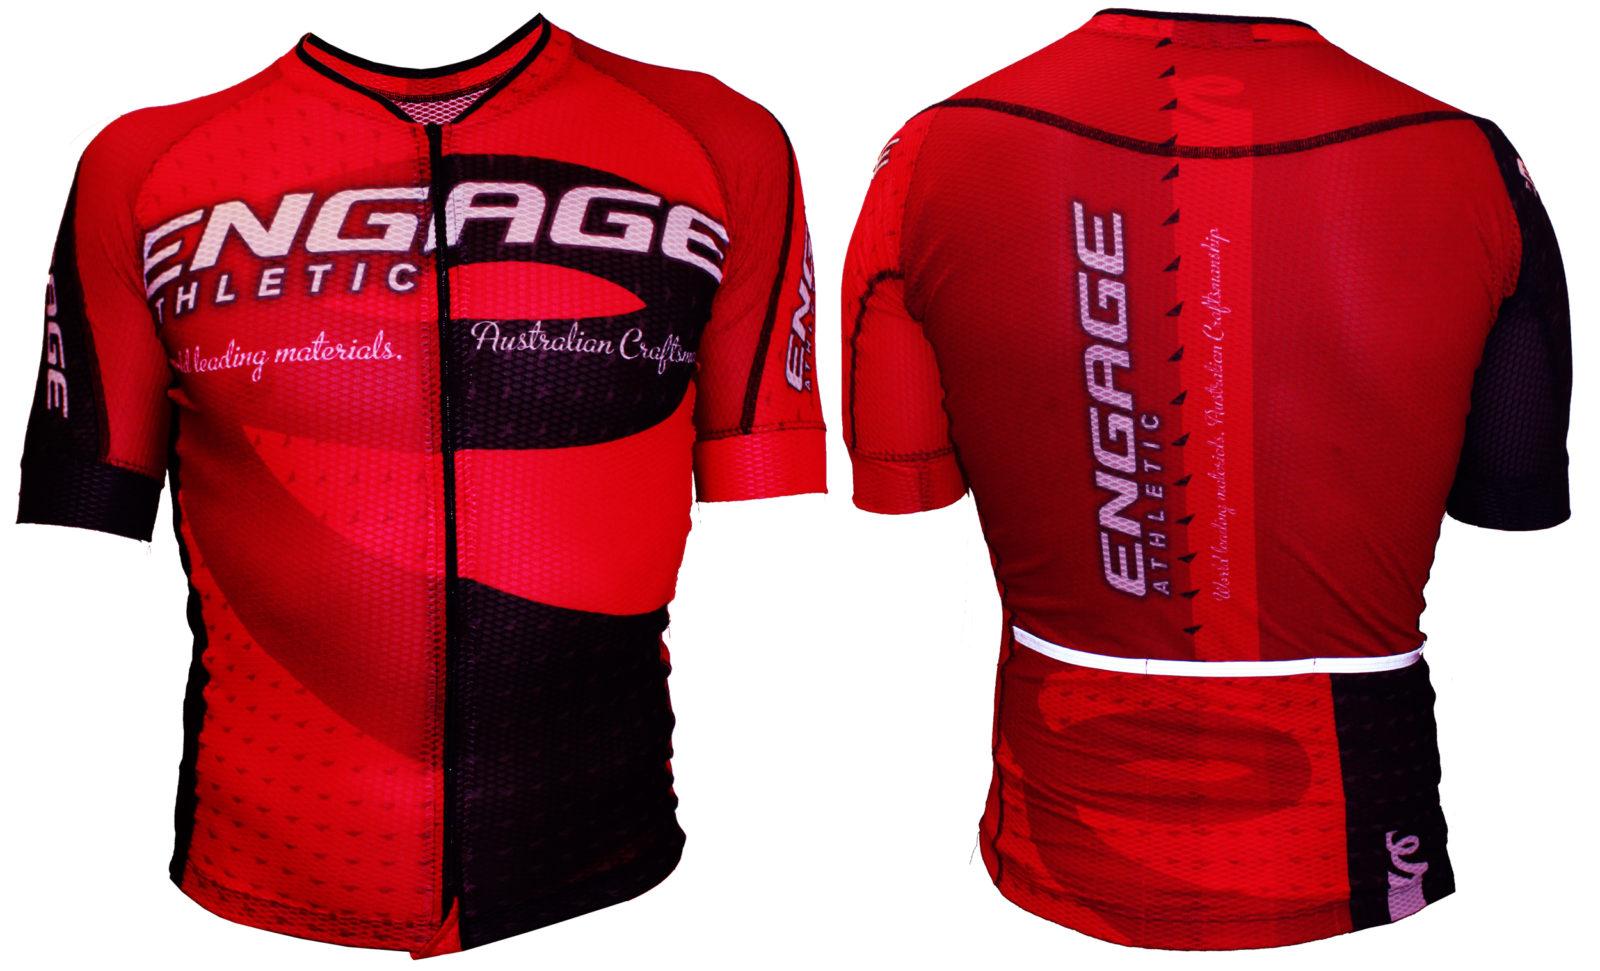 Aerofit Cycling Jersey